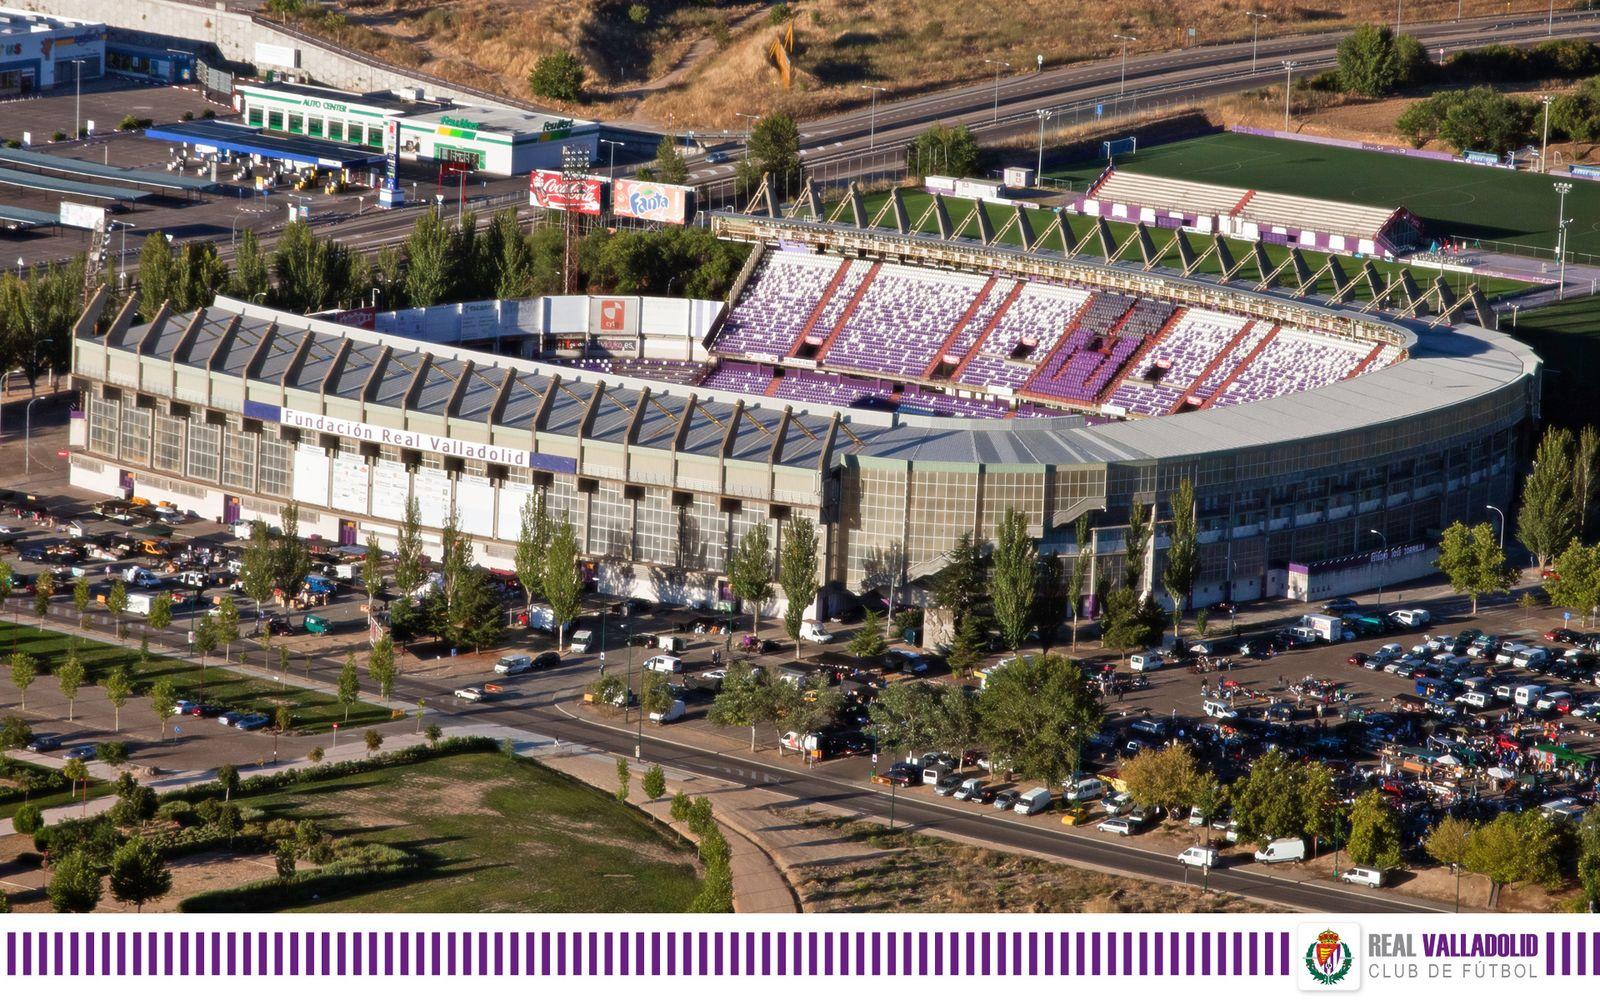 Estadio jos zorrilla - Fotos del real valladolid ...